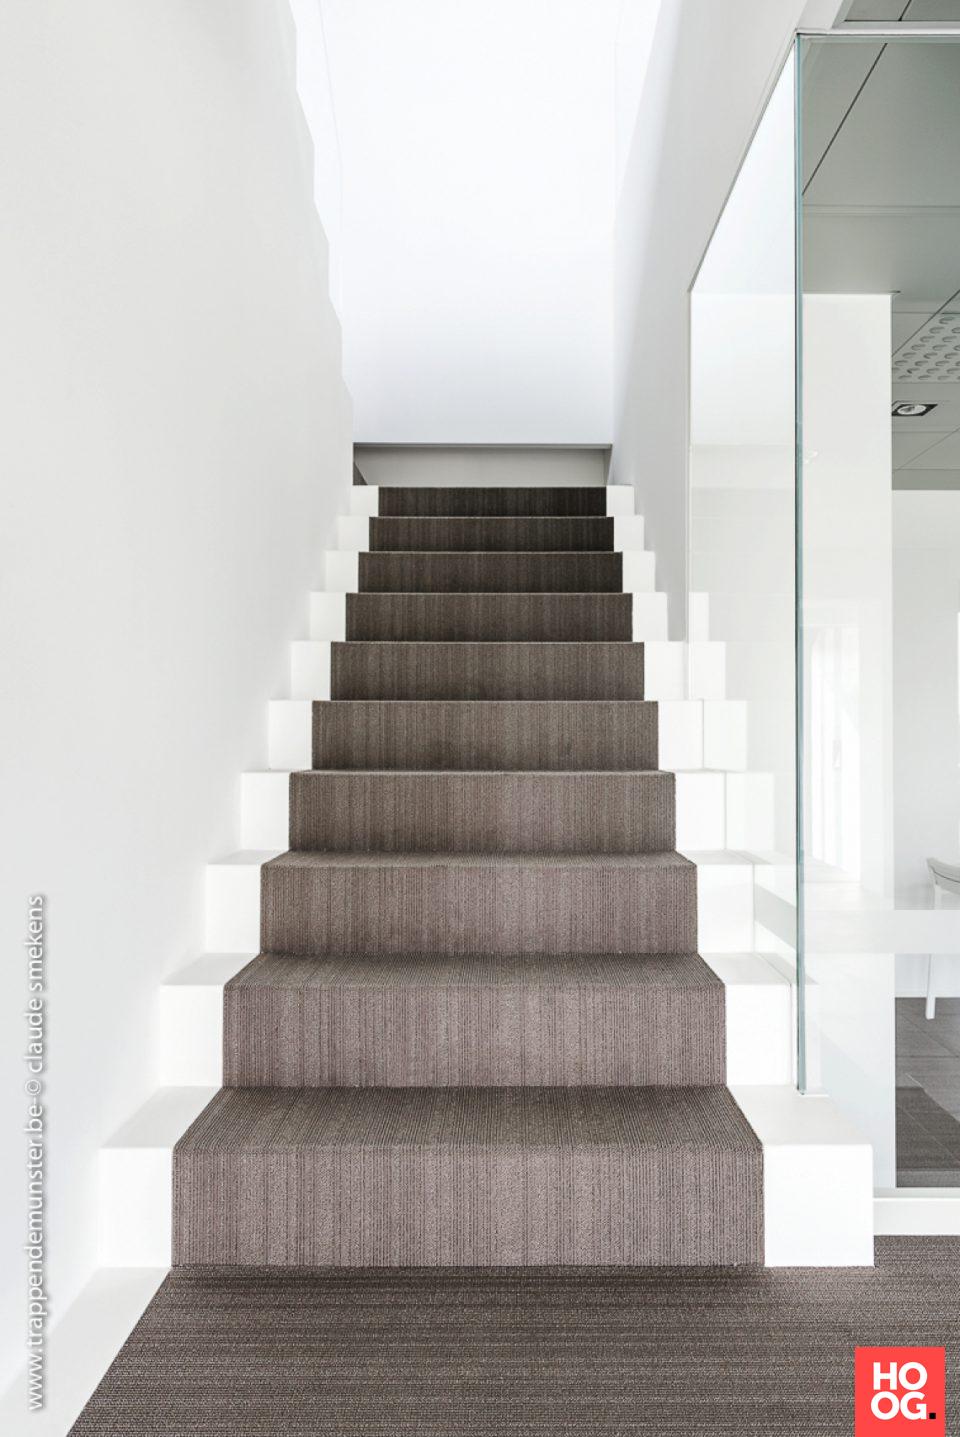 Luxe trappen met glazen leuning | hal inrichting | interieur inspiratie | hallway ideas | Hoog.design #halinrichting